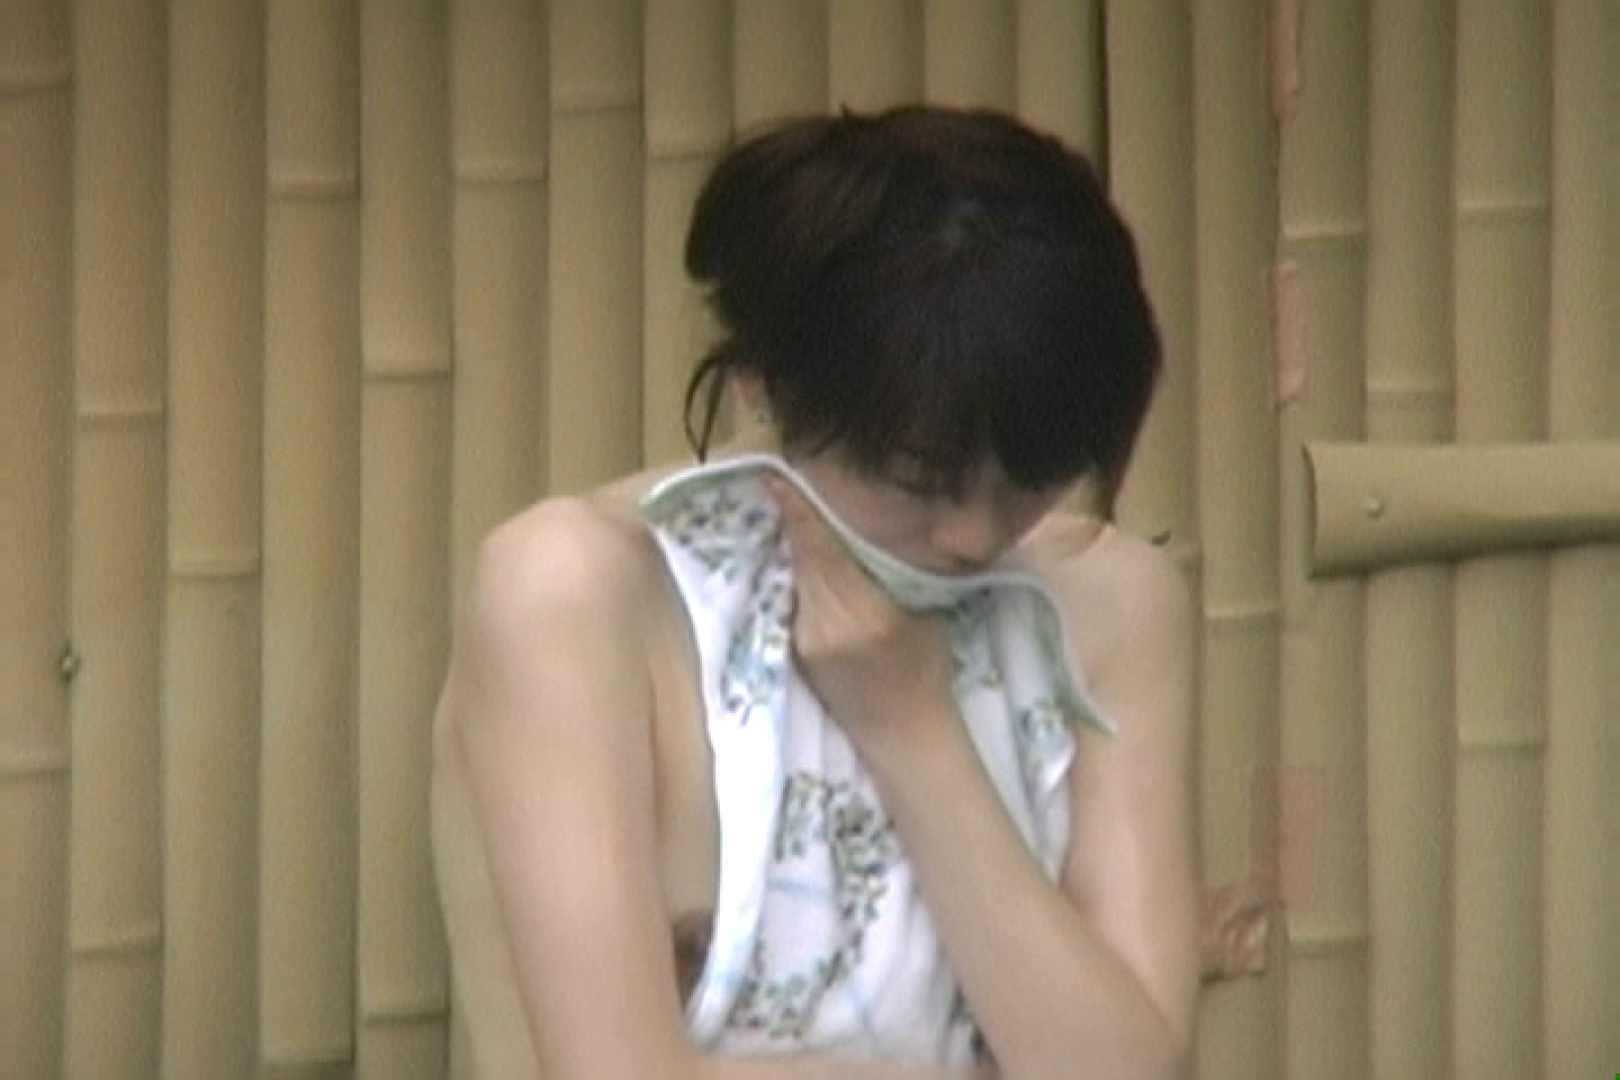 高画質露天女風呂観察 vol.003 入浴 | 露天風呂編  90PIX 7